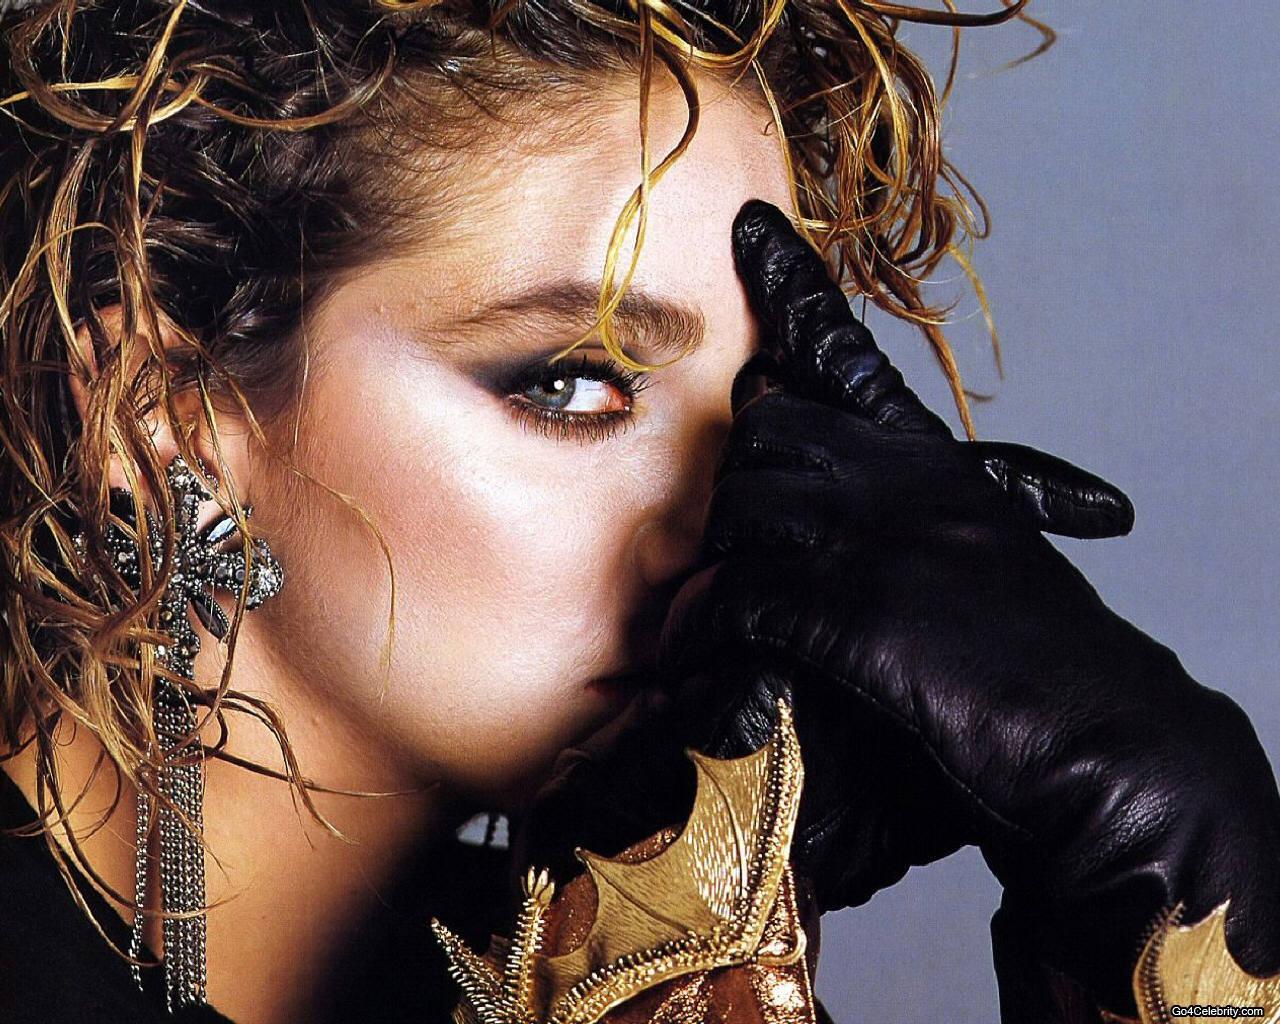 http://2.bp.blogspot.com/-iLWDmbB51xE/TV8rl4P960I/AAAAAAAACaw/VUO1DImIMzA/s1600/Madonna+Hot+Wallpaper.jpg